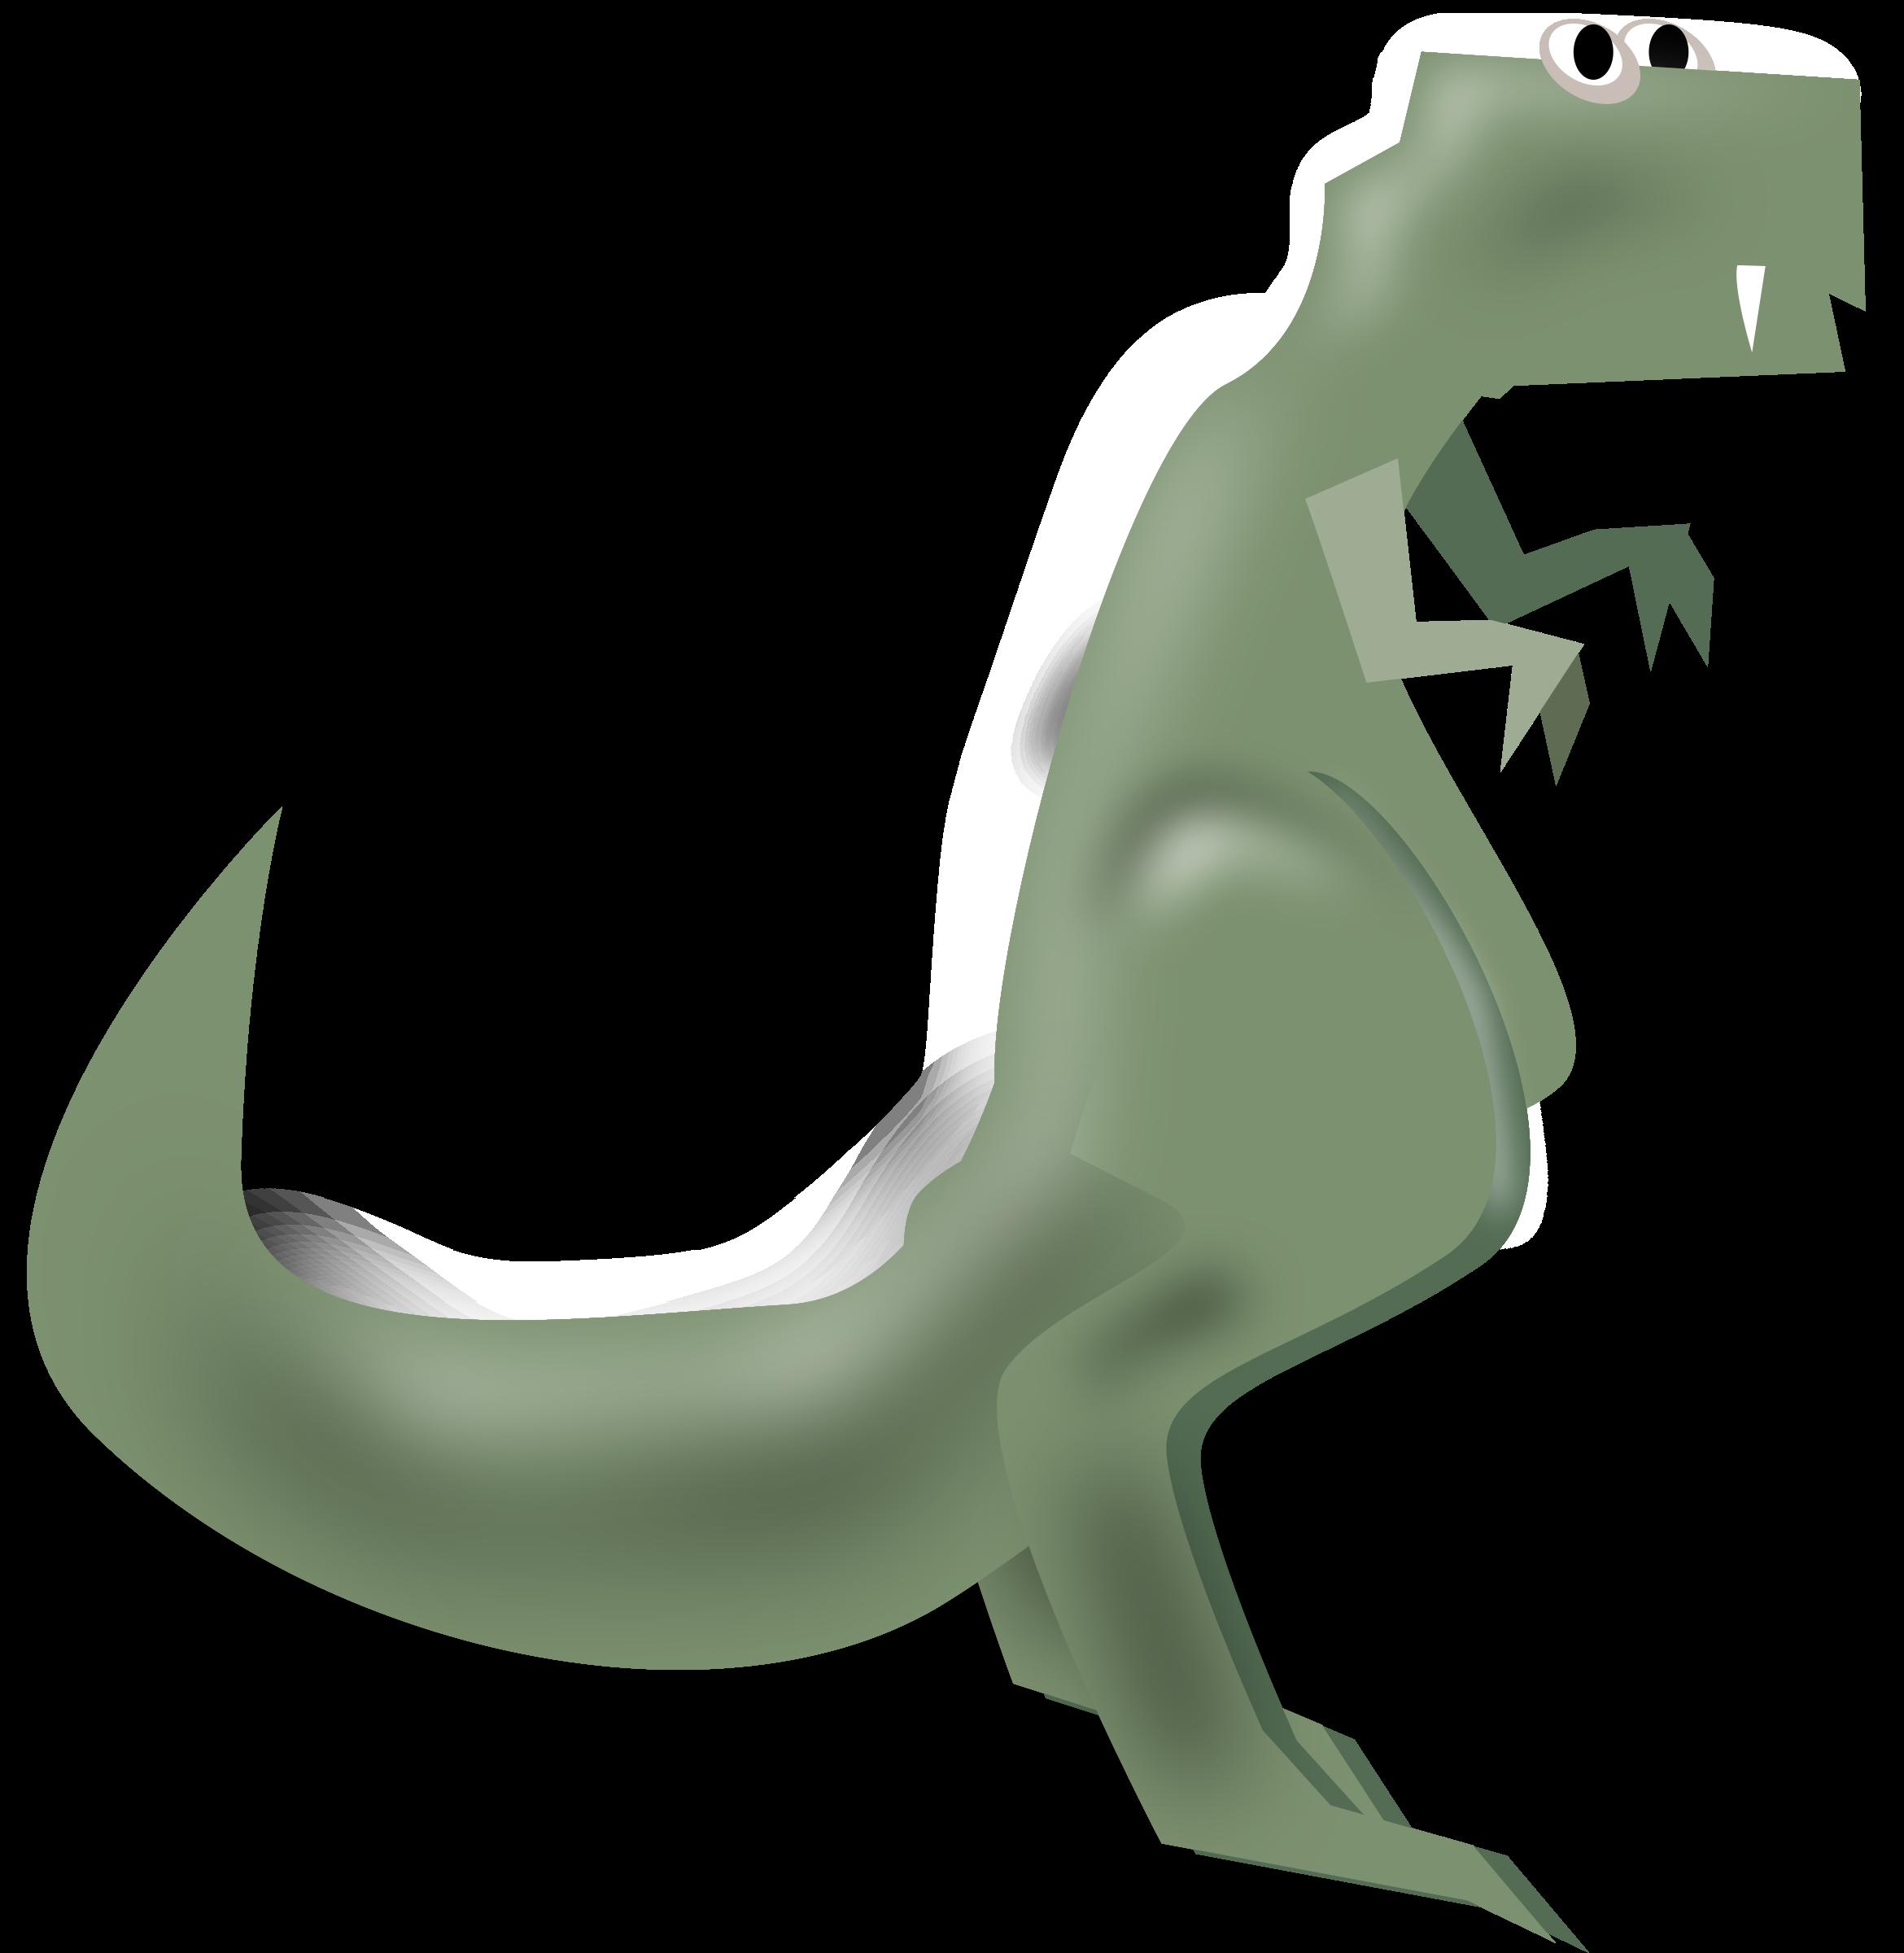 Big image png. Green clipart t rex